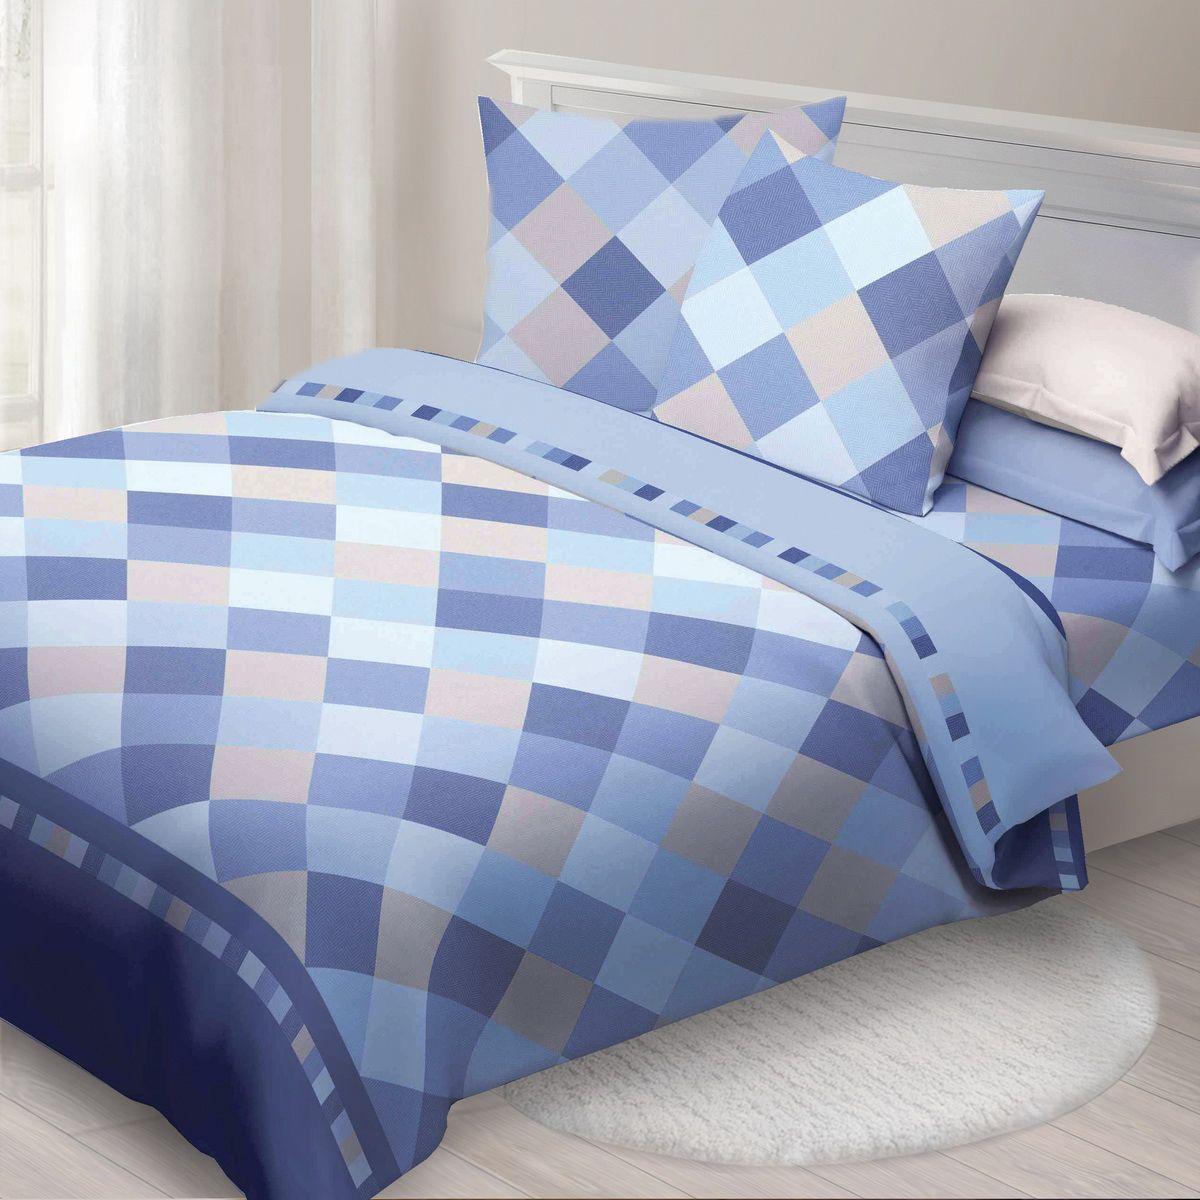 Комплект белья Спал Спалыч Твил, евро, наволочки 70x70, цвет: голубой88068Спал Спалыч - недорогое, но качественное постельное белье из белорусской бязи. Актуальные дизайны, авторская упаковка в сочетании с качественными материалами и приемлемой ценой - залог успеха Спал Спалыча! В ассортименте широкая линейка домашнего текстиля для всей семьи - современные дизайны современному покупателю! Ткань обработана по технологии PERFECT WAY - благодаря чему, она становится более гладкой и шелковистой. • Бязь Барановичи 100% хлопок • Плотность ткани - 125 гр/кв.м.